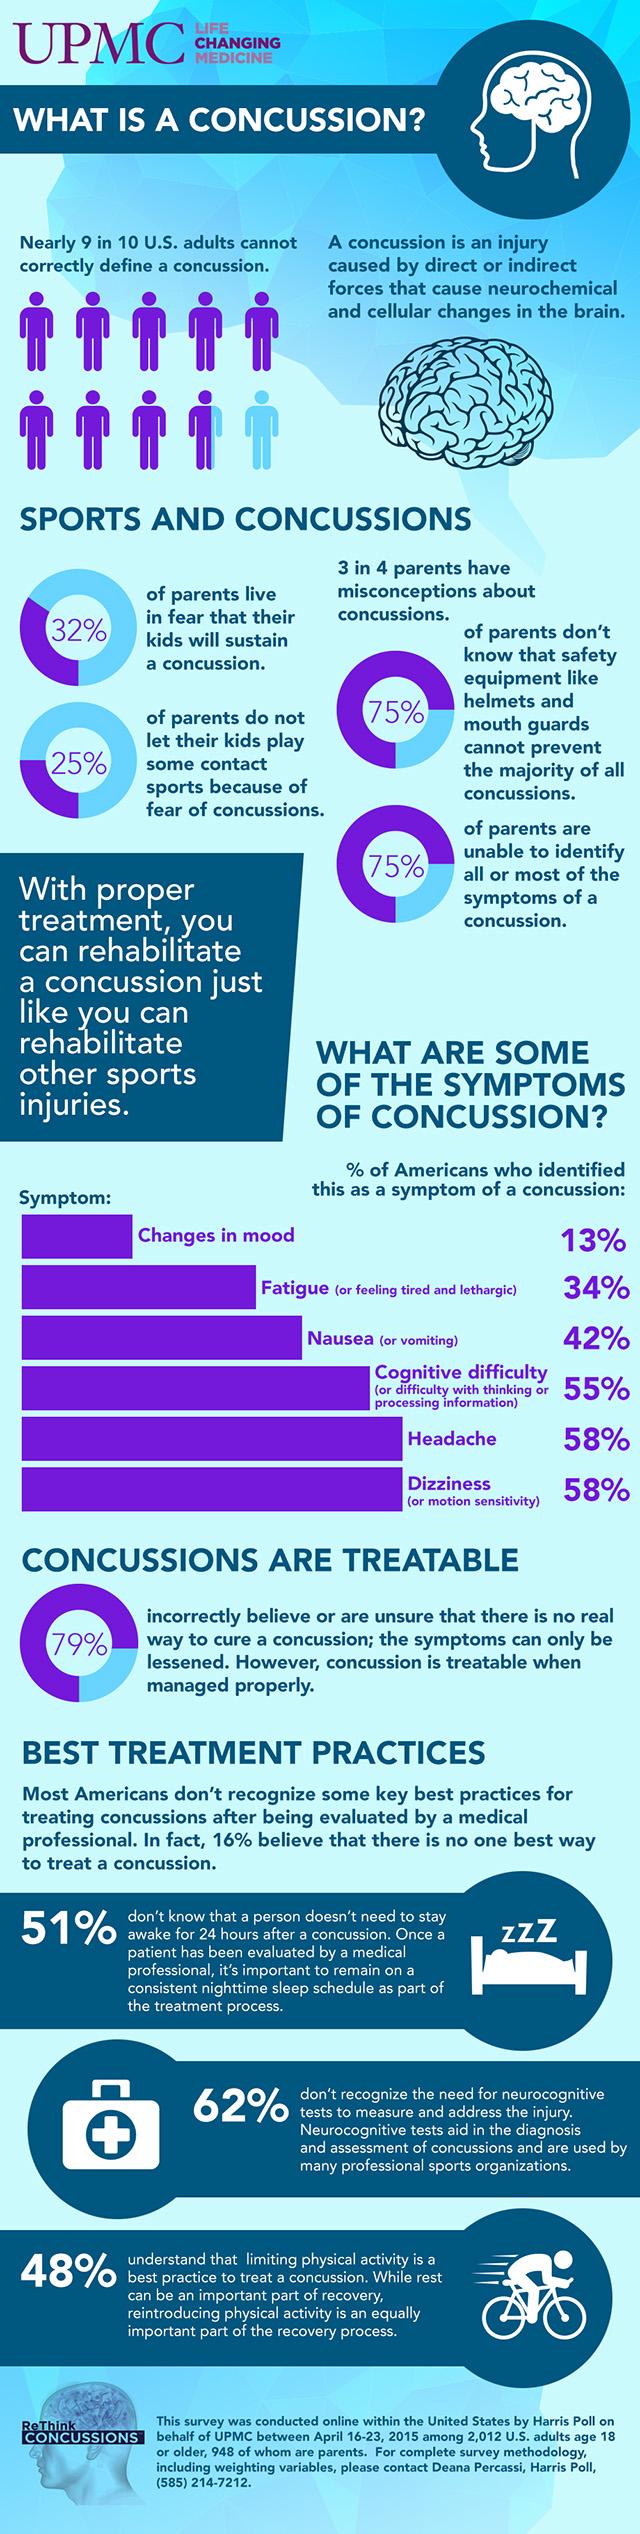 Concussion survey infographic